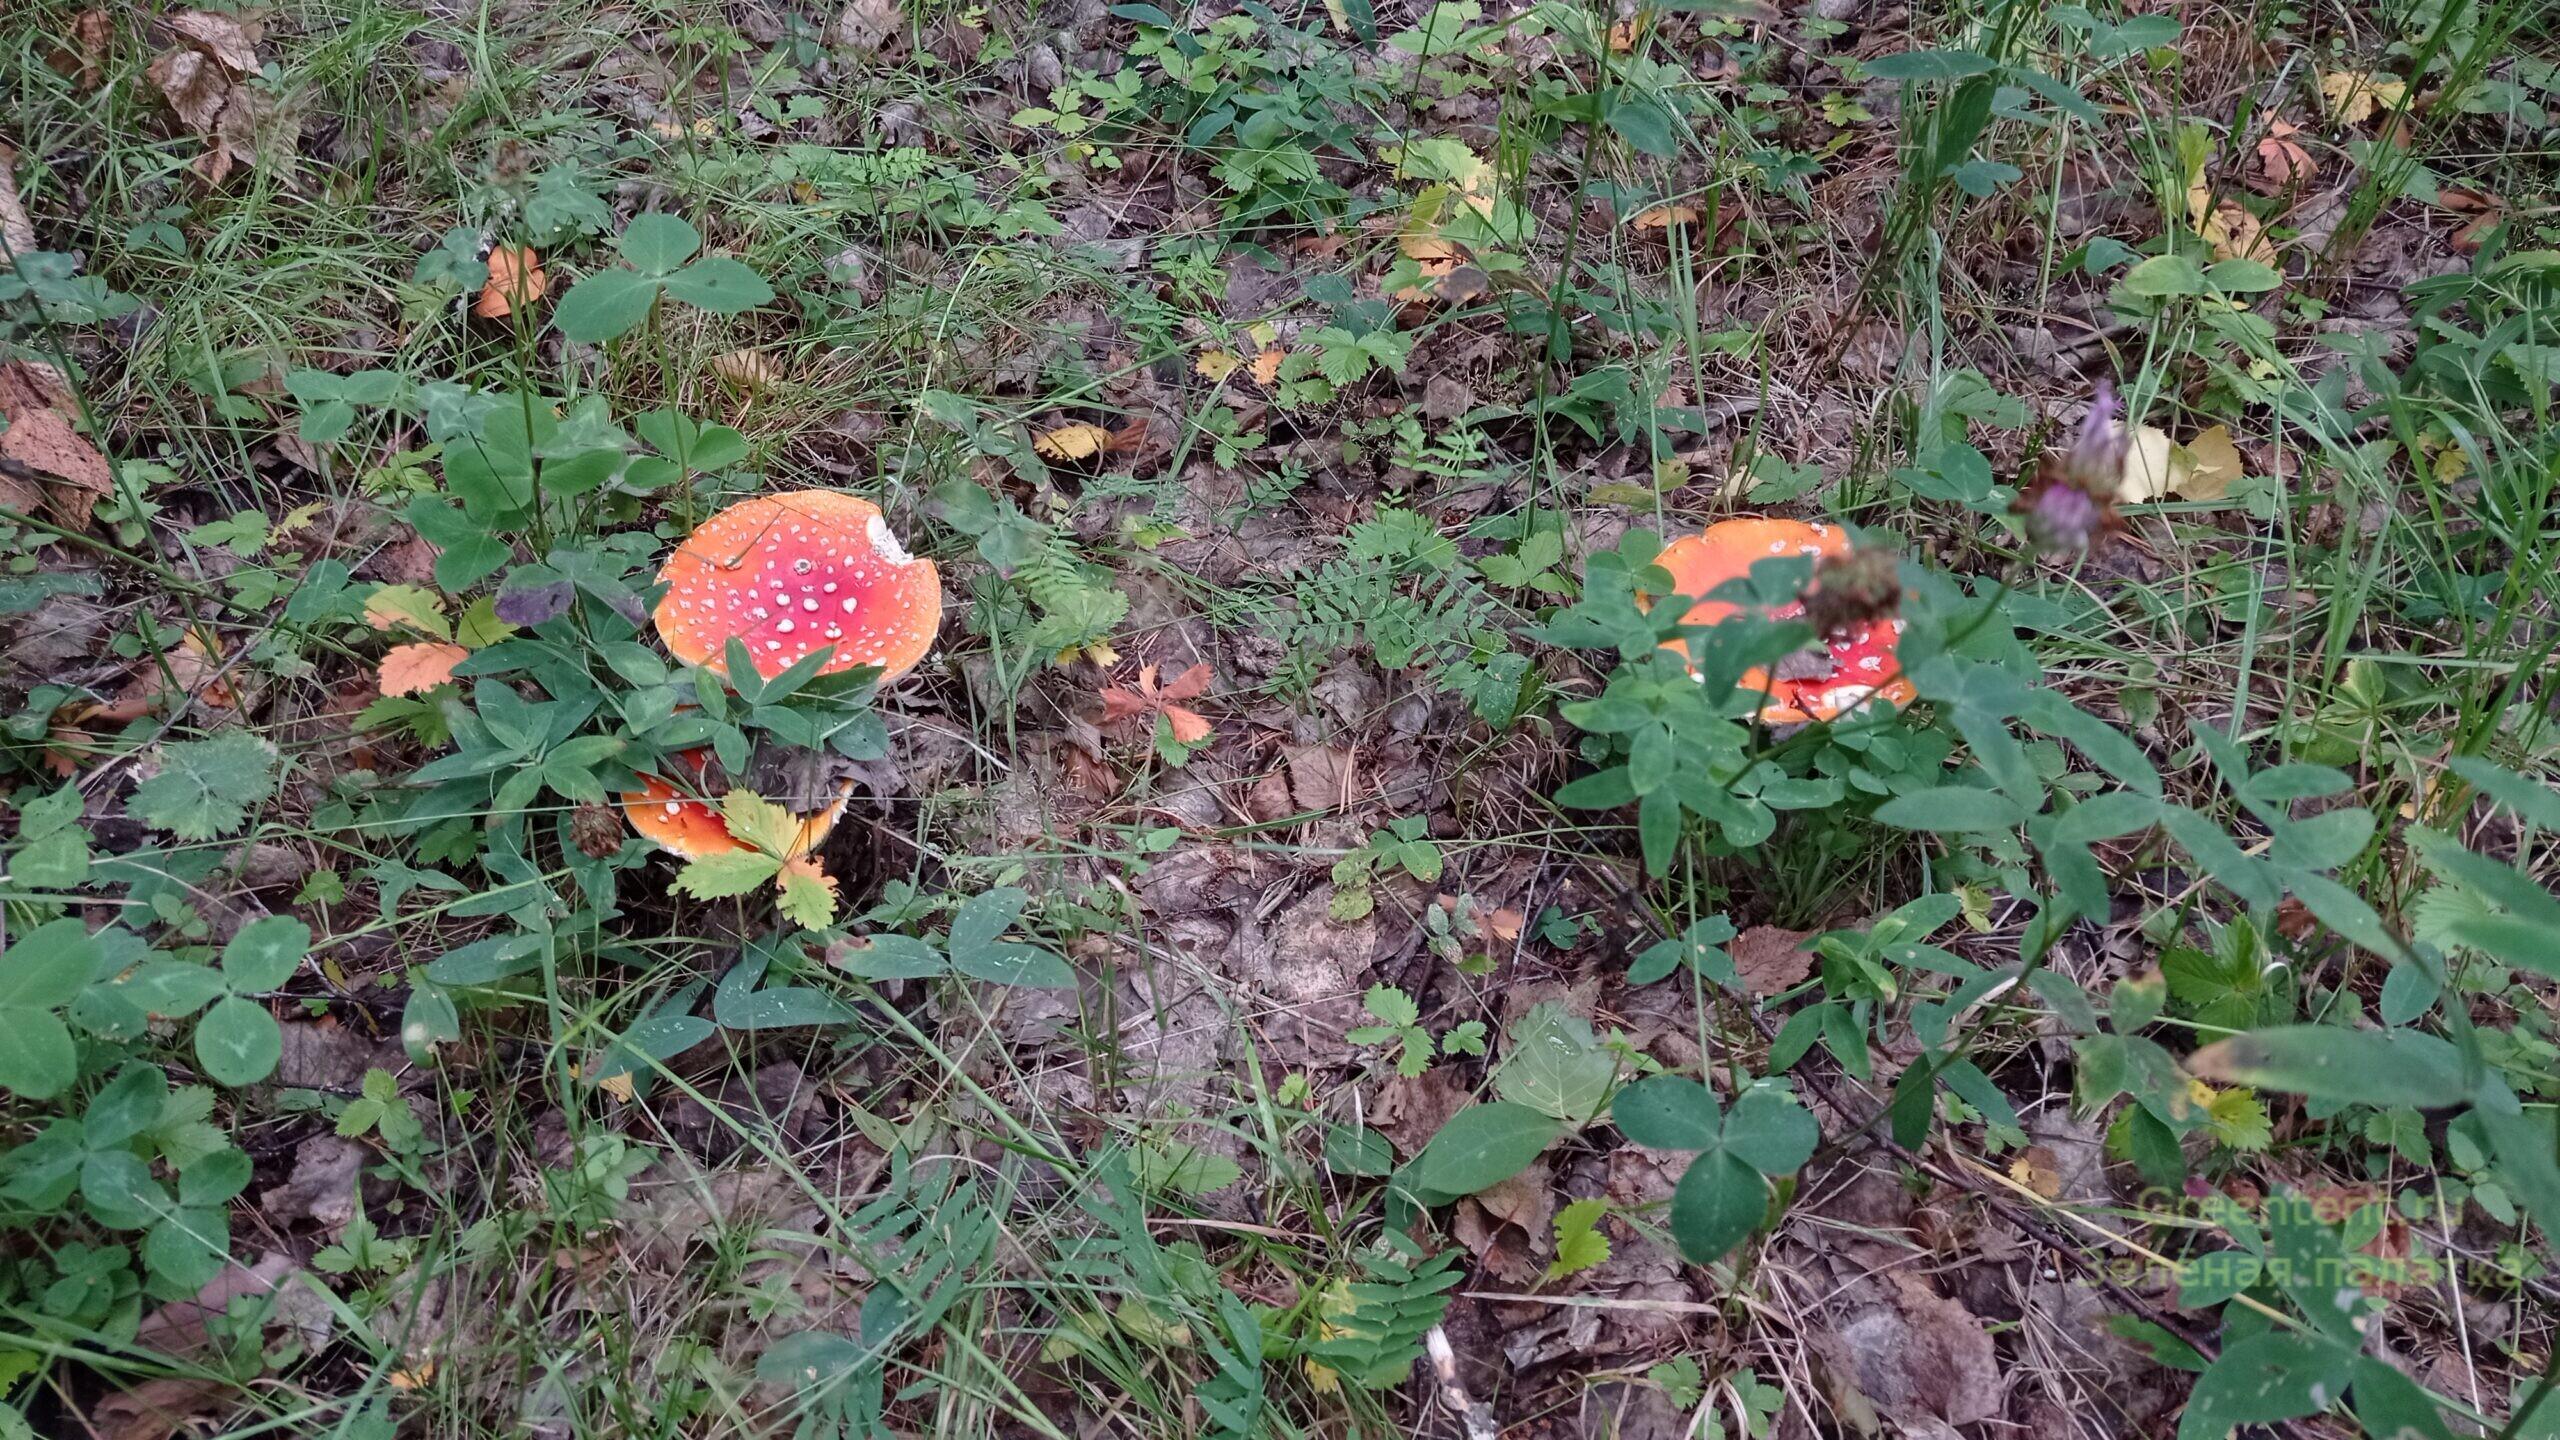 собирать грибы тихая охота мухоморы красота лес природа